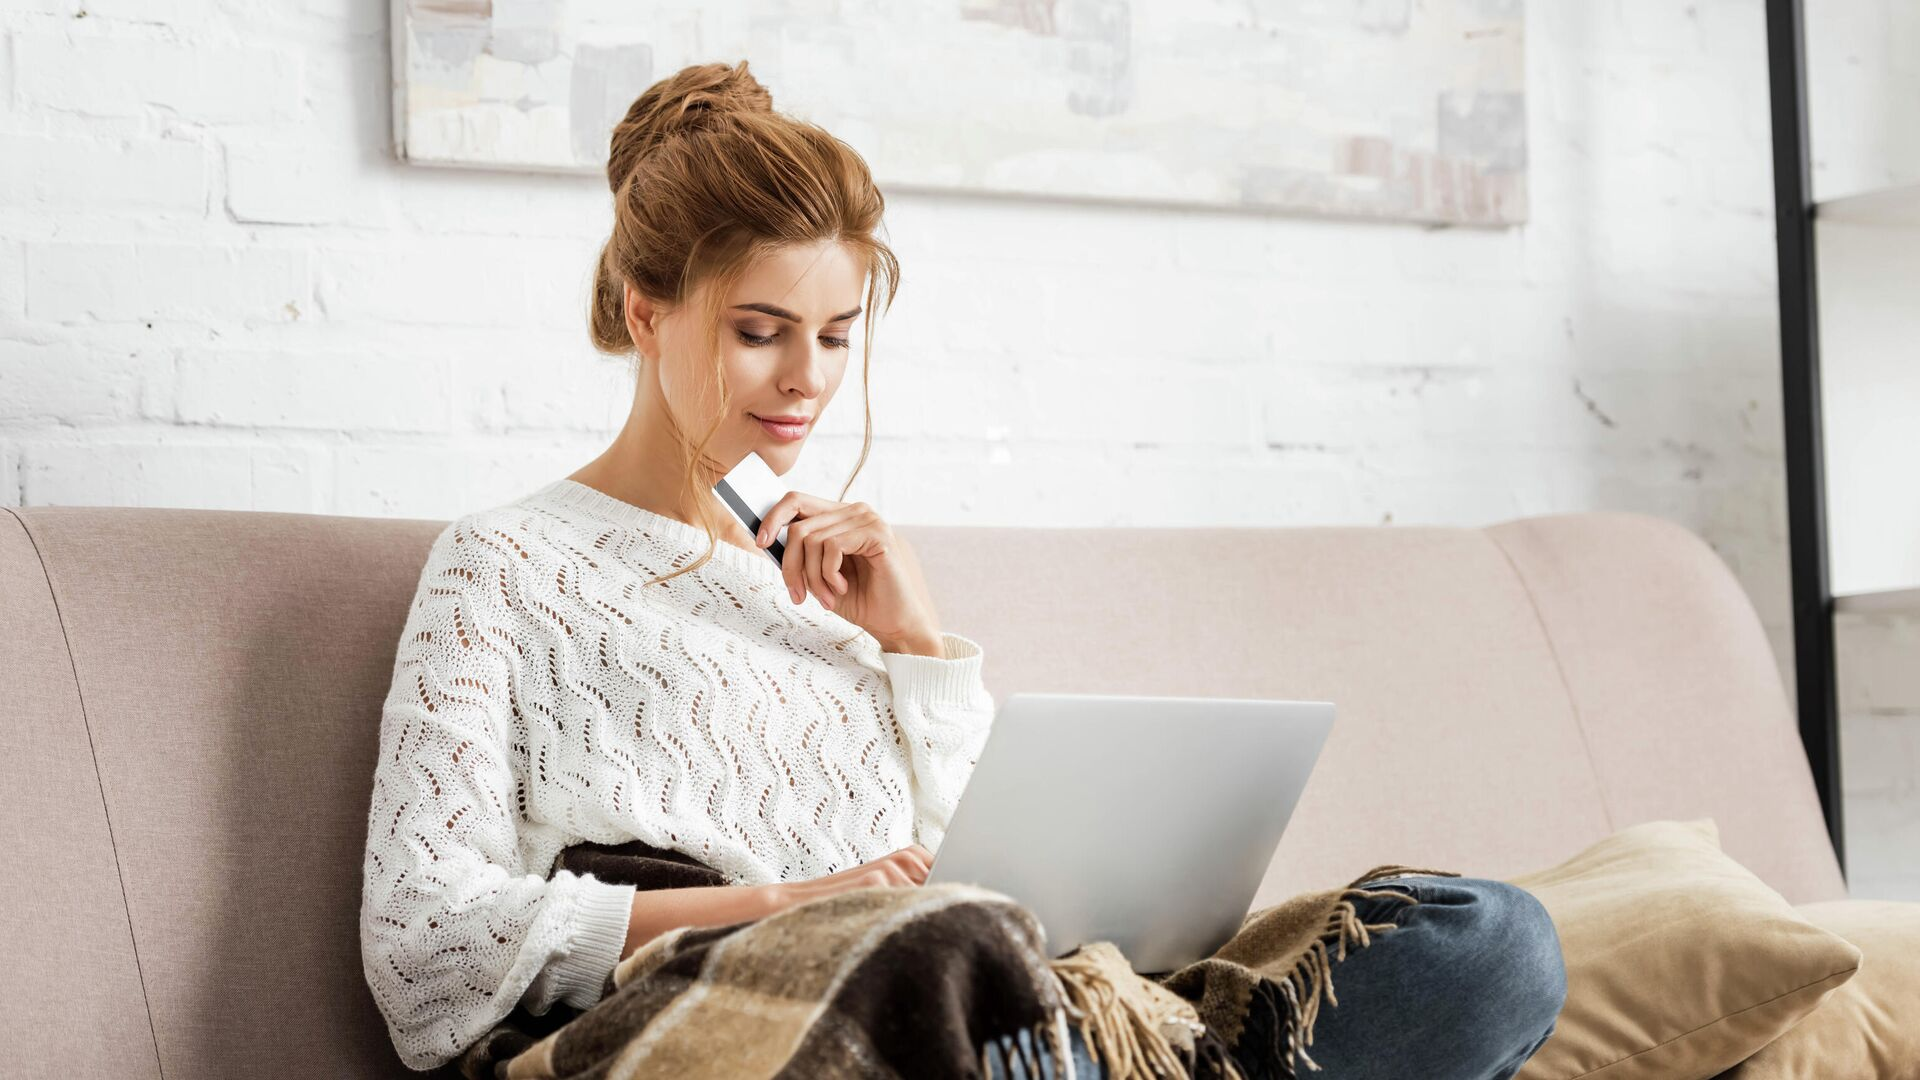 Девушка делает онлайн-покупки - РИА Новости, 1920, 19.01.2021